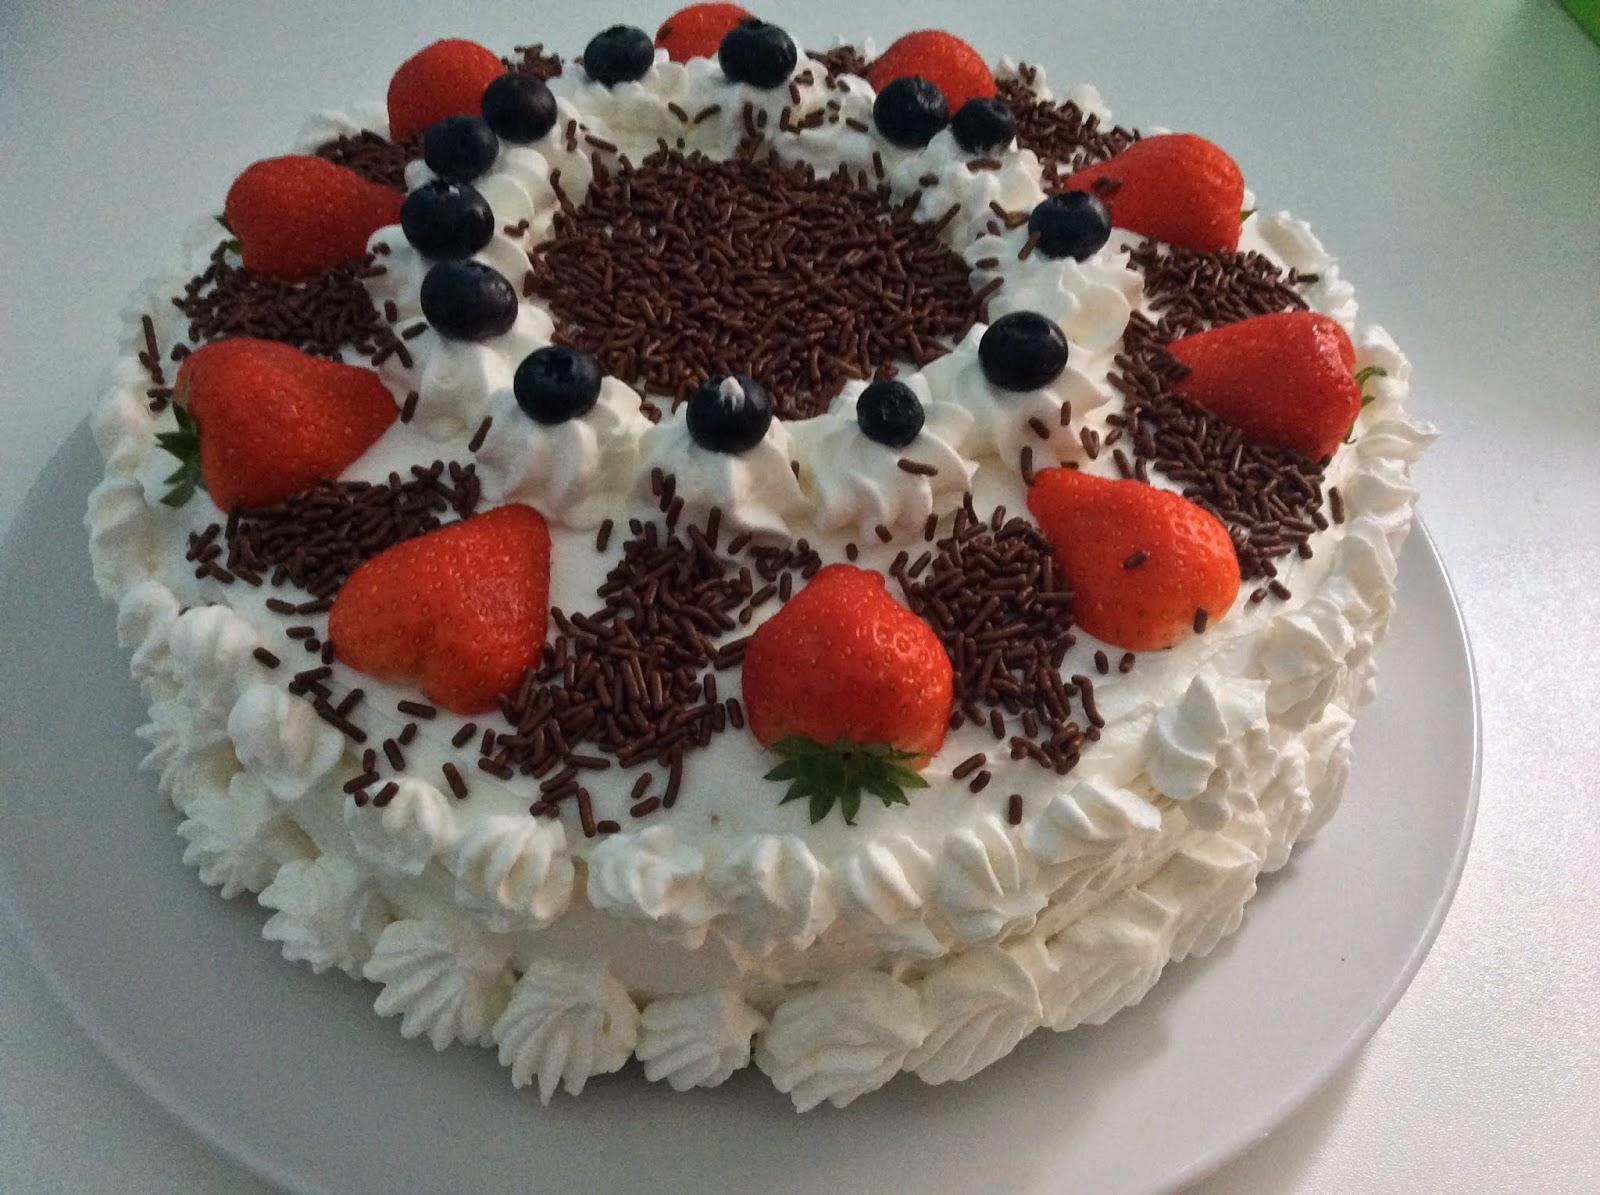 Calla S Blog Erdbeere Torte Mit Schokostreusel